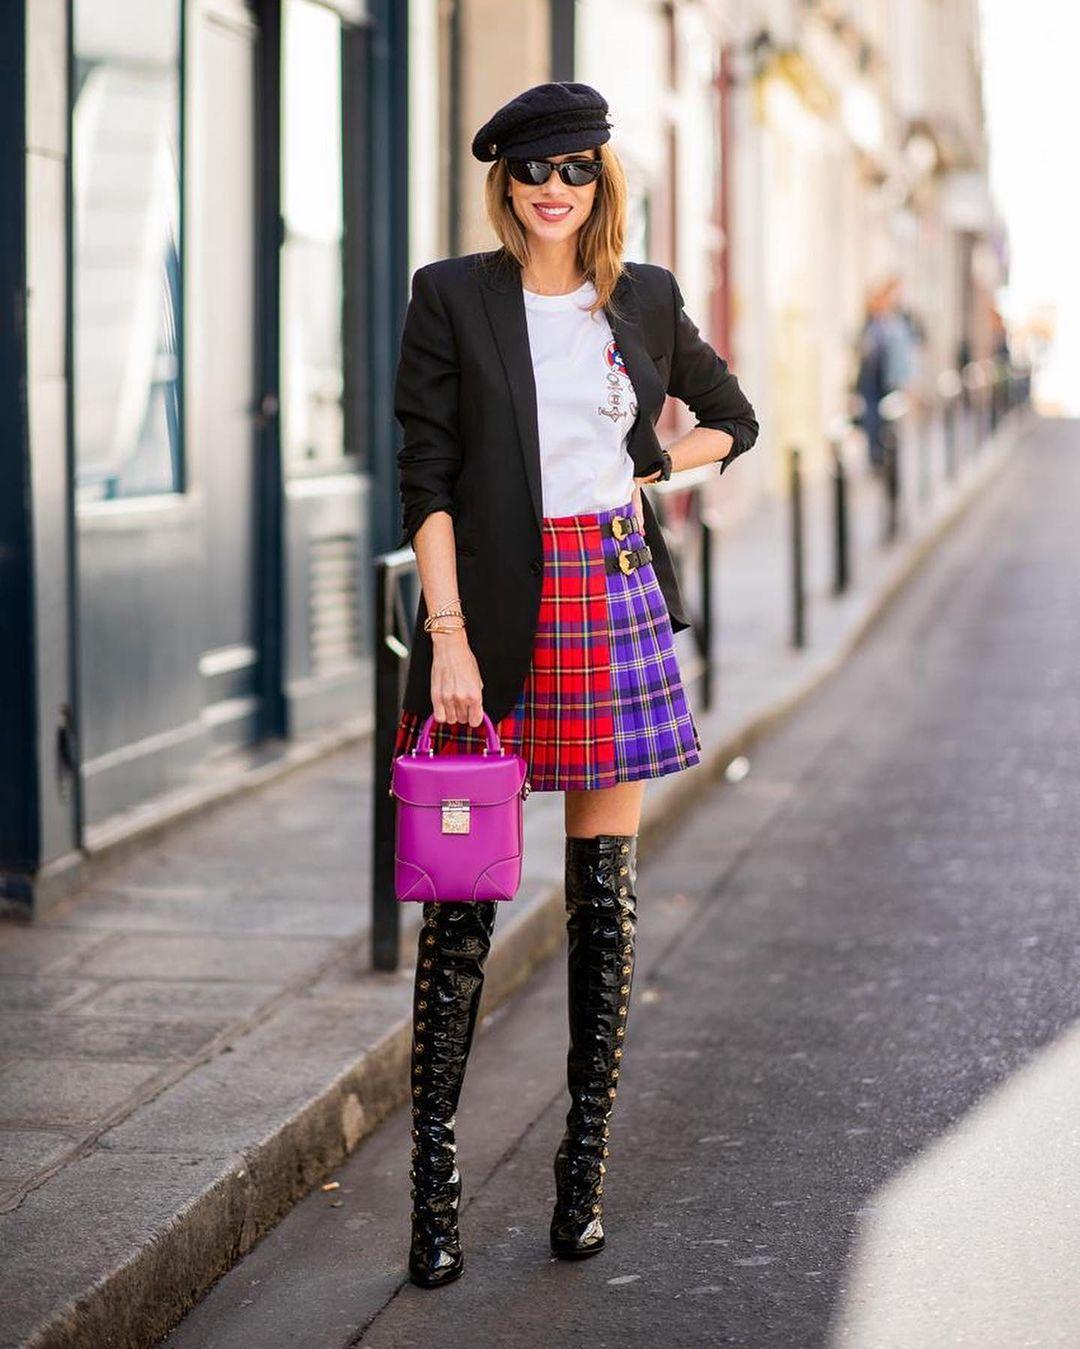 модная юбка плиссировка как стильно носить осень 2021 тренд миди